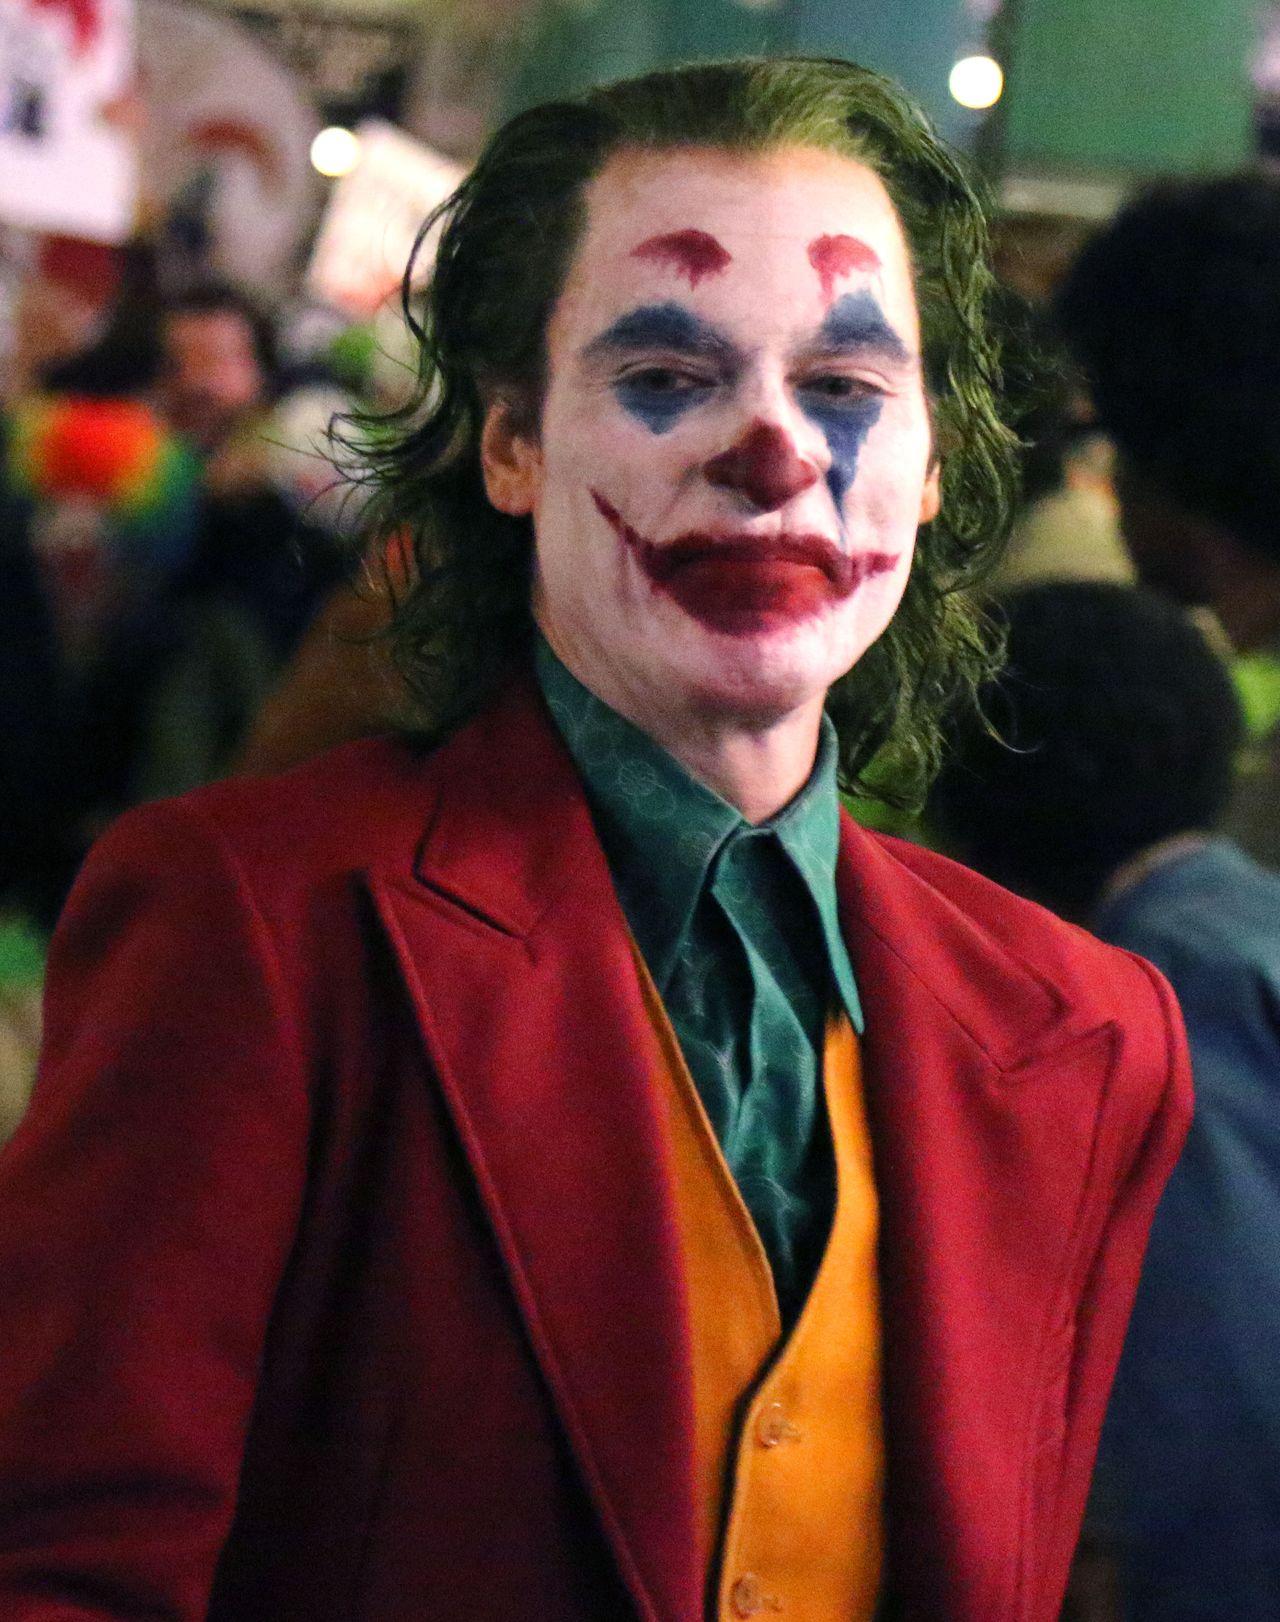 Joaquin Phoenix w roli Jokera na planie nowego filmu (ZDJĘCIA)